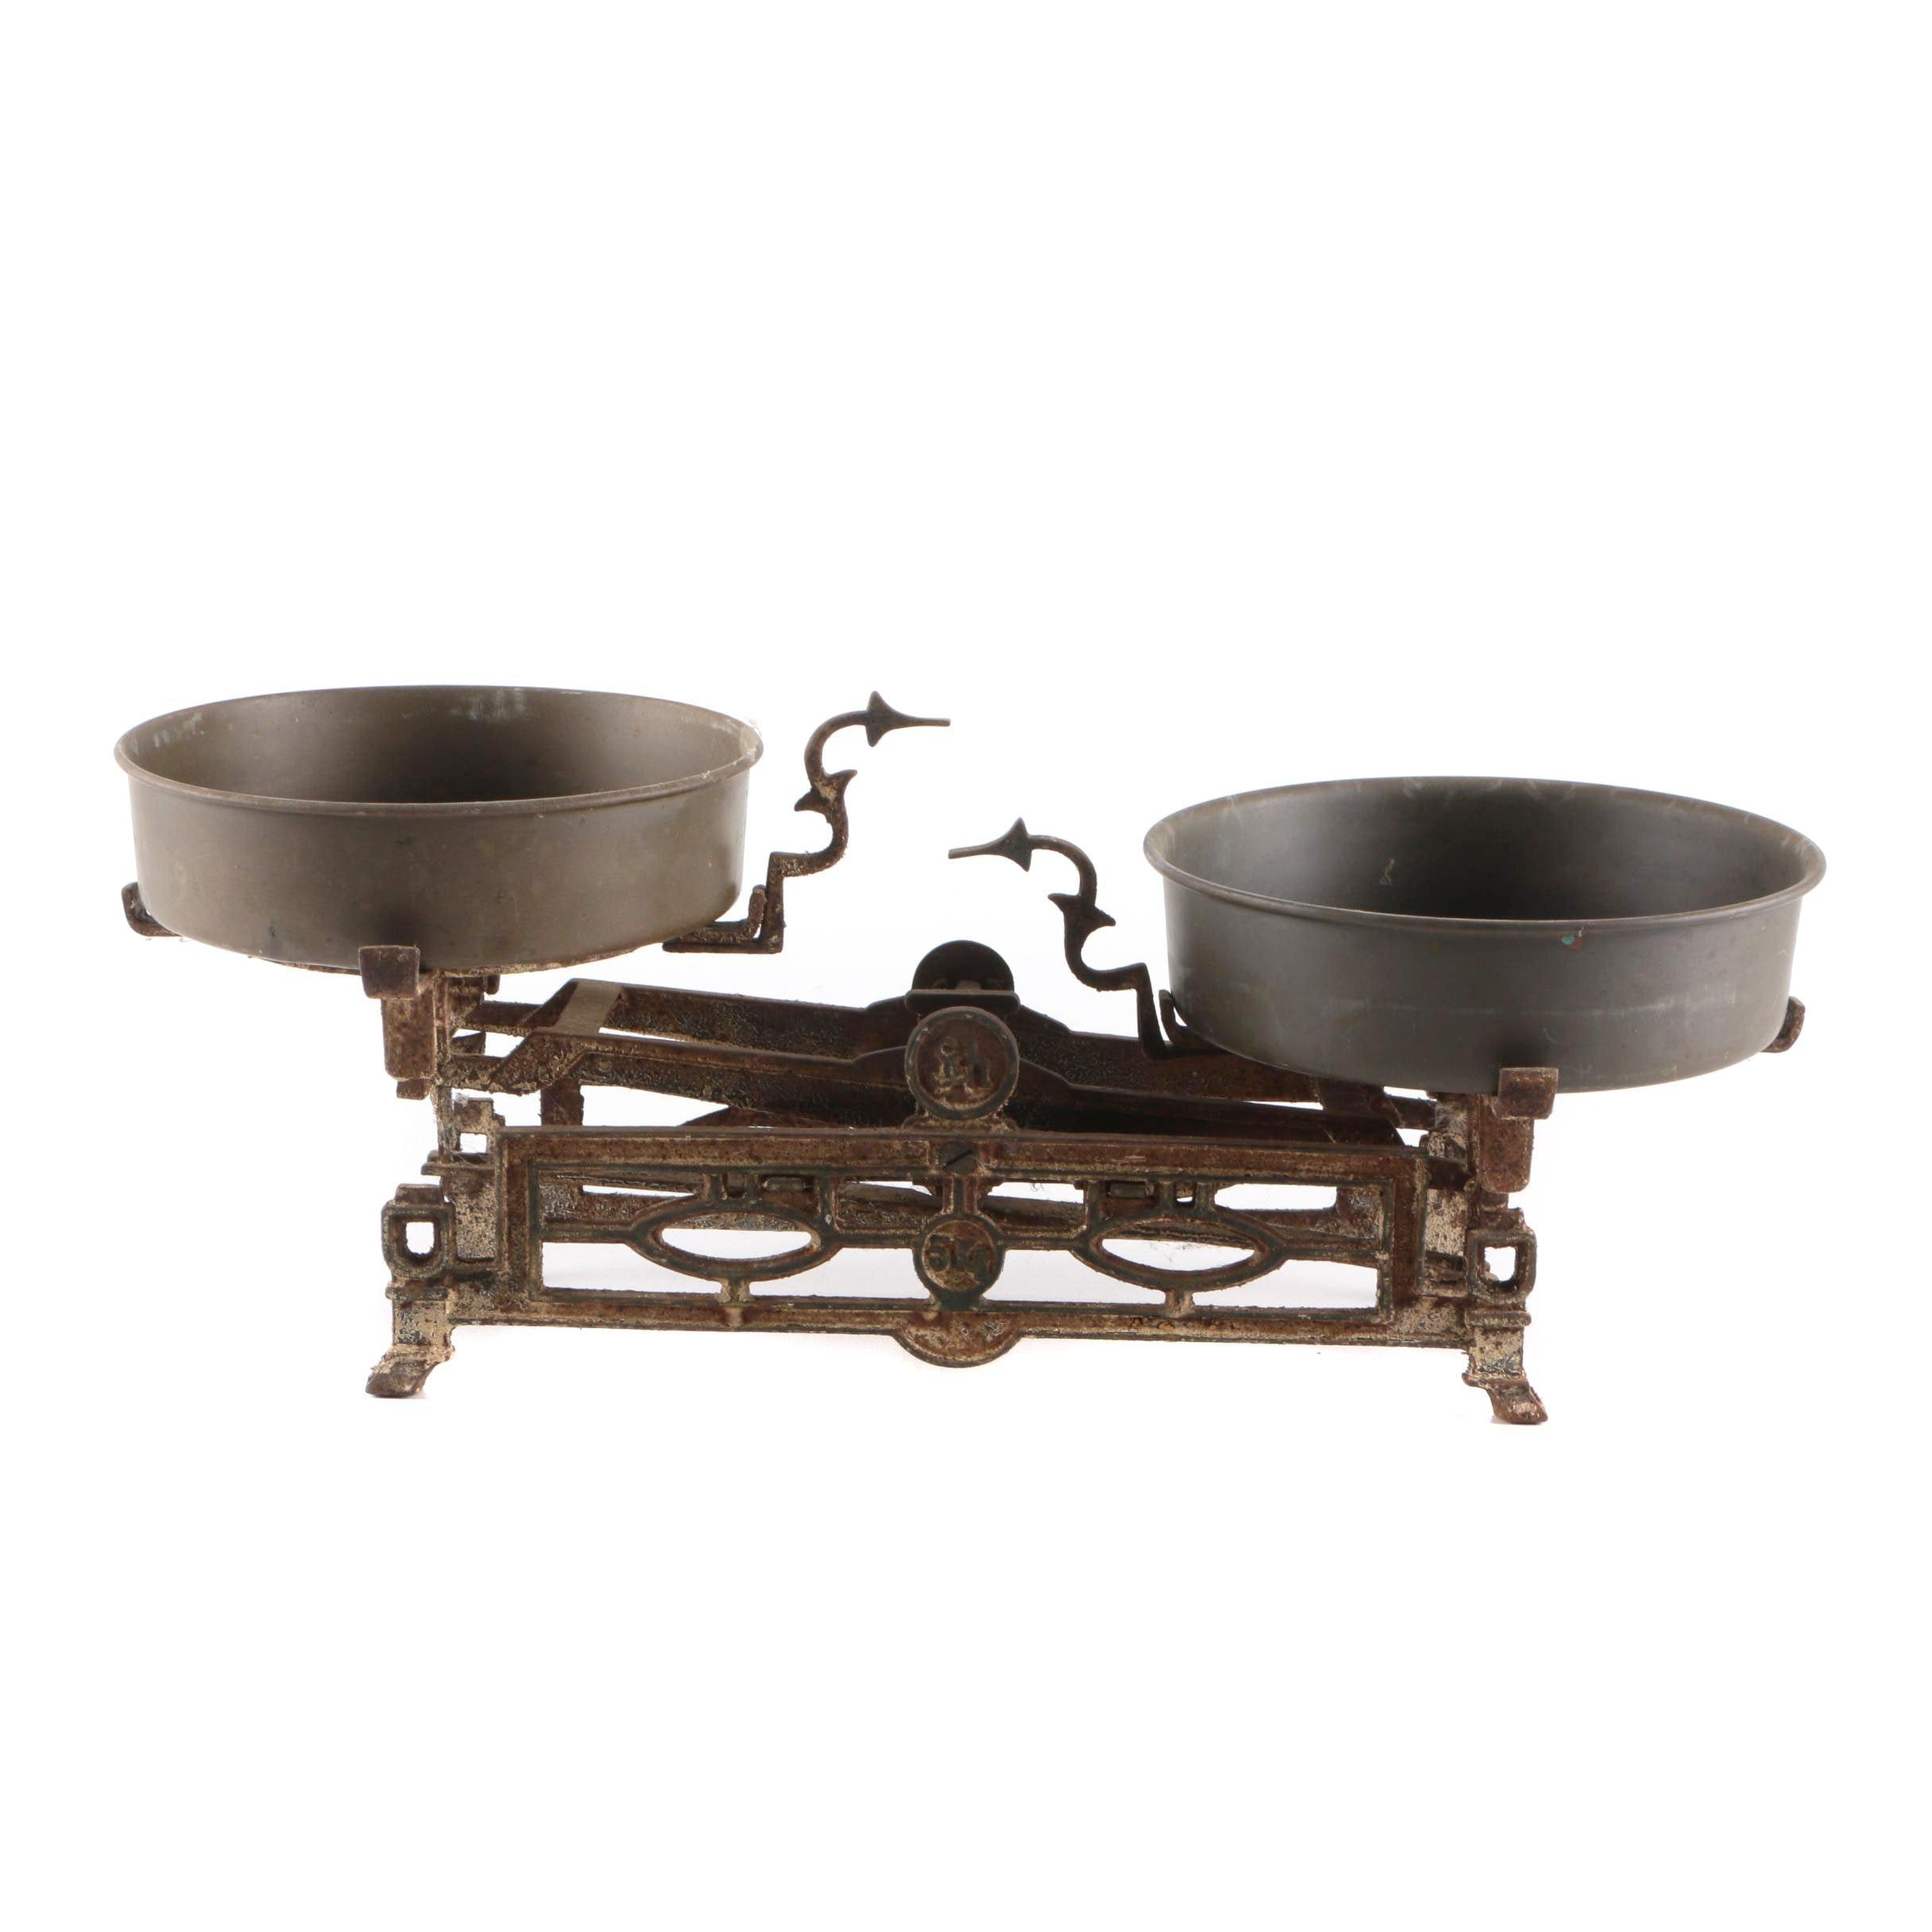 Antique Cast Iron 5 Kilogram Balance Scale with Metal Pans